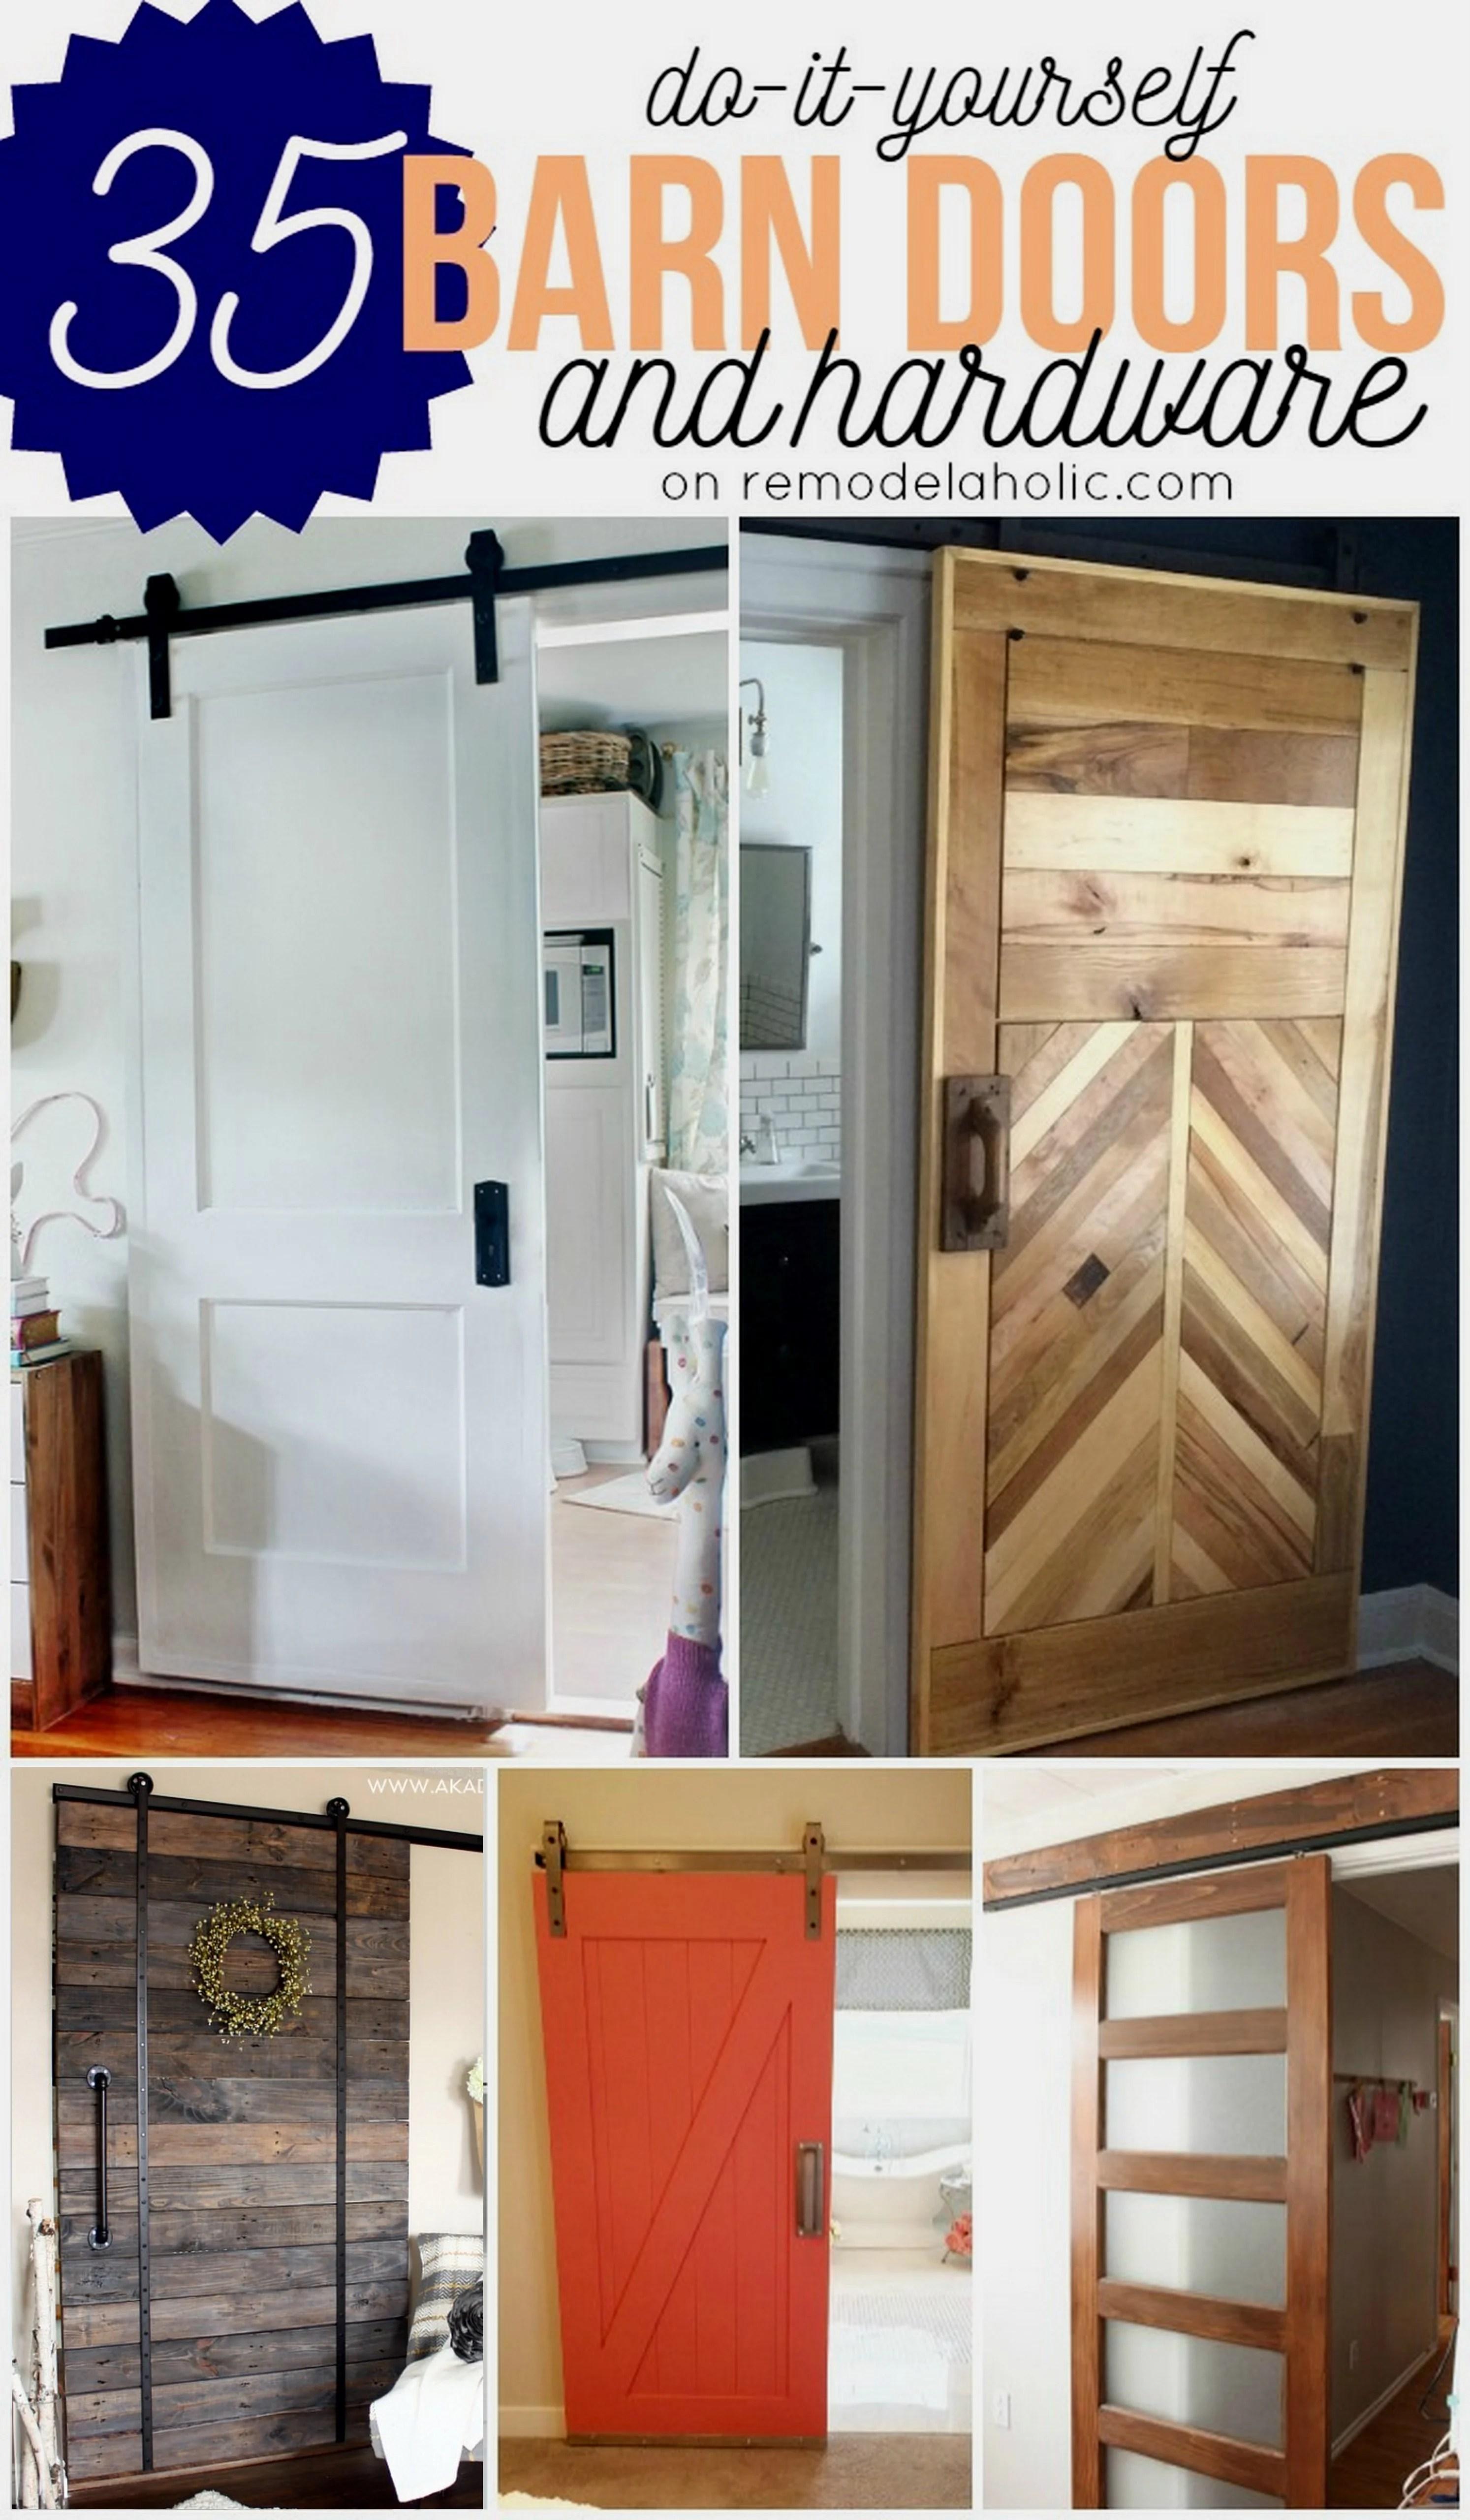 DIY Barn Doors - plus budget-friendly rolling door hardware options @Remodelaholic & Remodelaholic | 35 DIY Barn Doors + Rolling Door Hardware Ideas